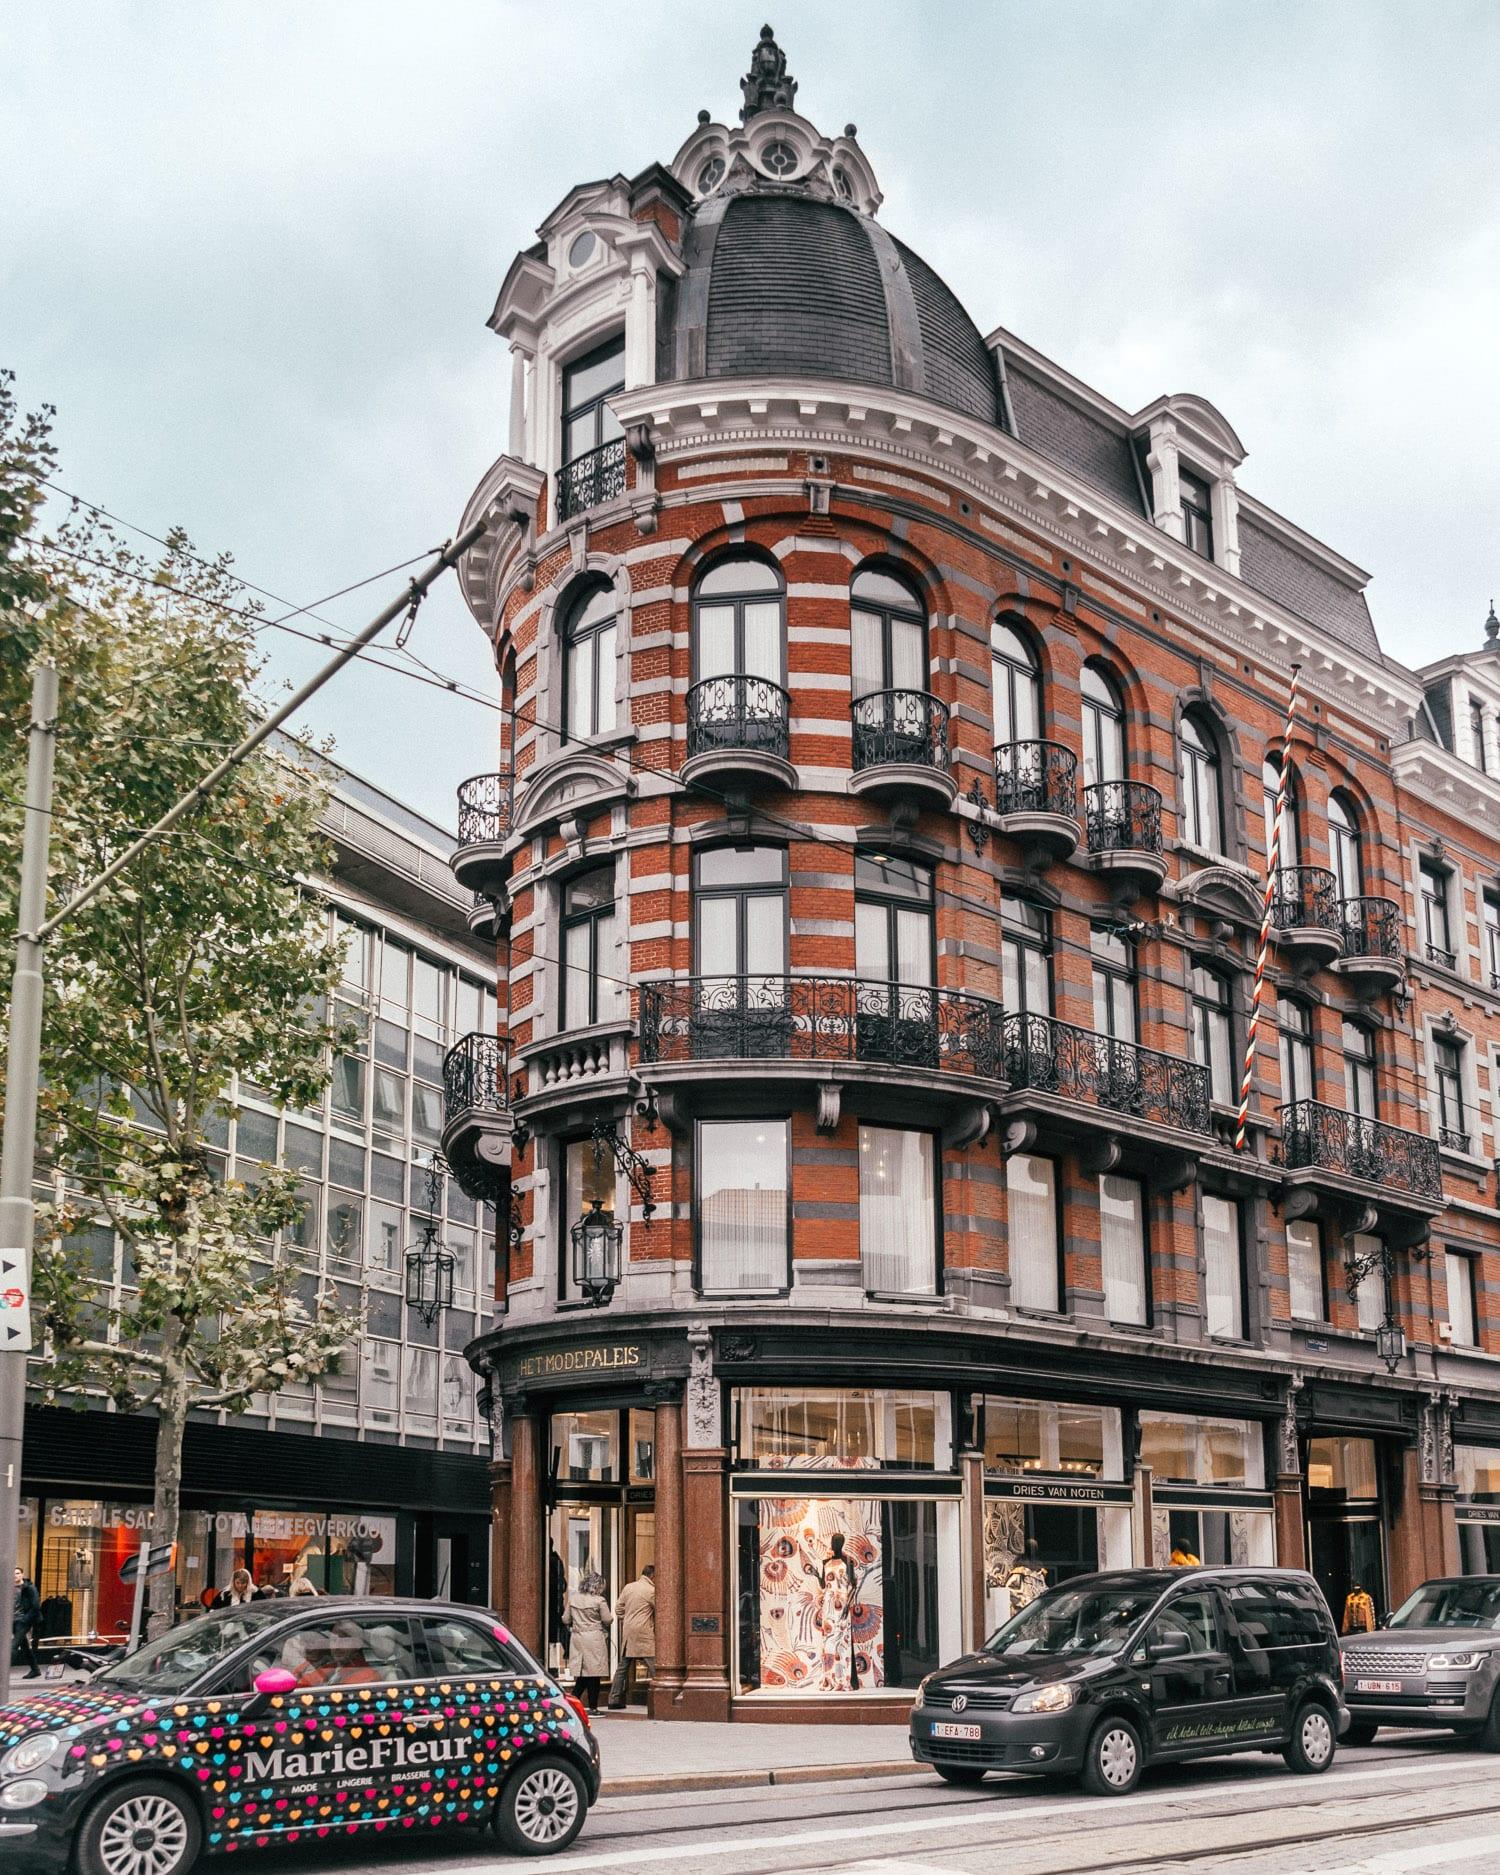 Dries Van Noten's flagship store, Het Modepaleis in Antwerp, Belgium